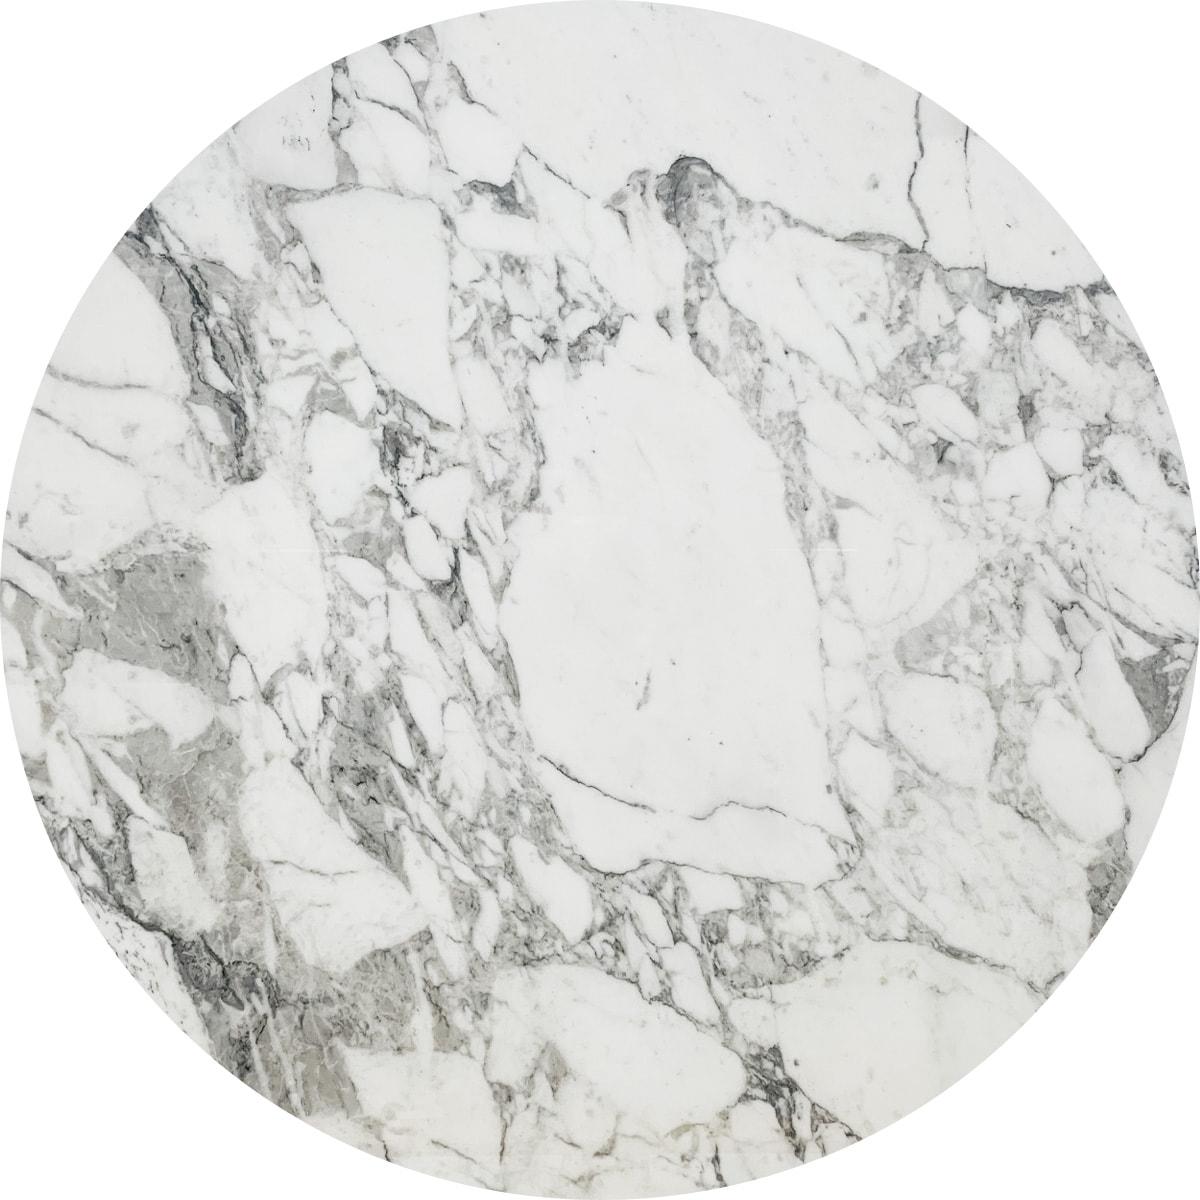 Saarinen Collection Round Tables(サーリネンテーブル) Φ1200mm アラベスカート 176TRMA2 (009)